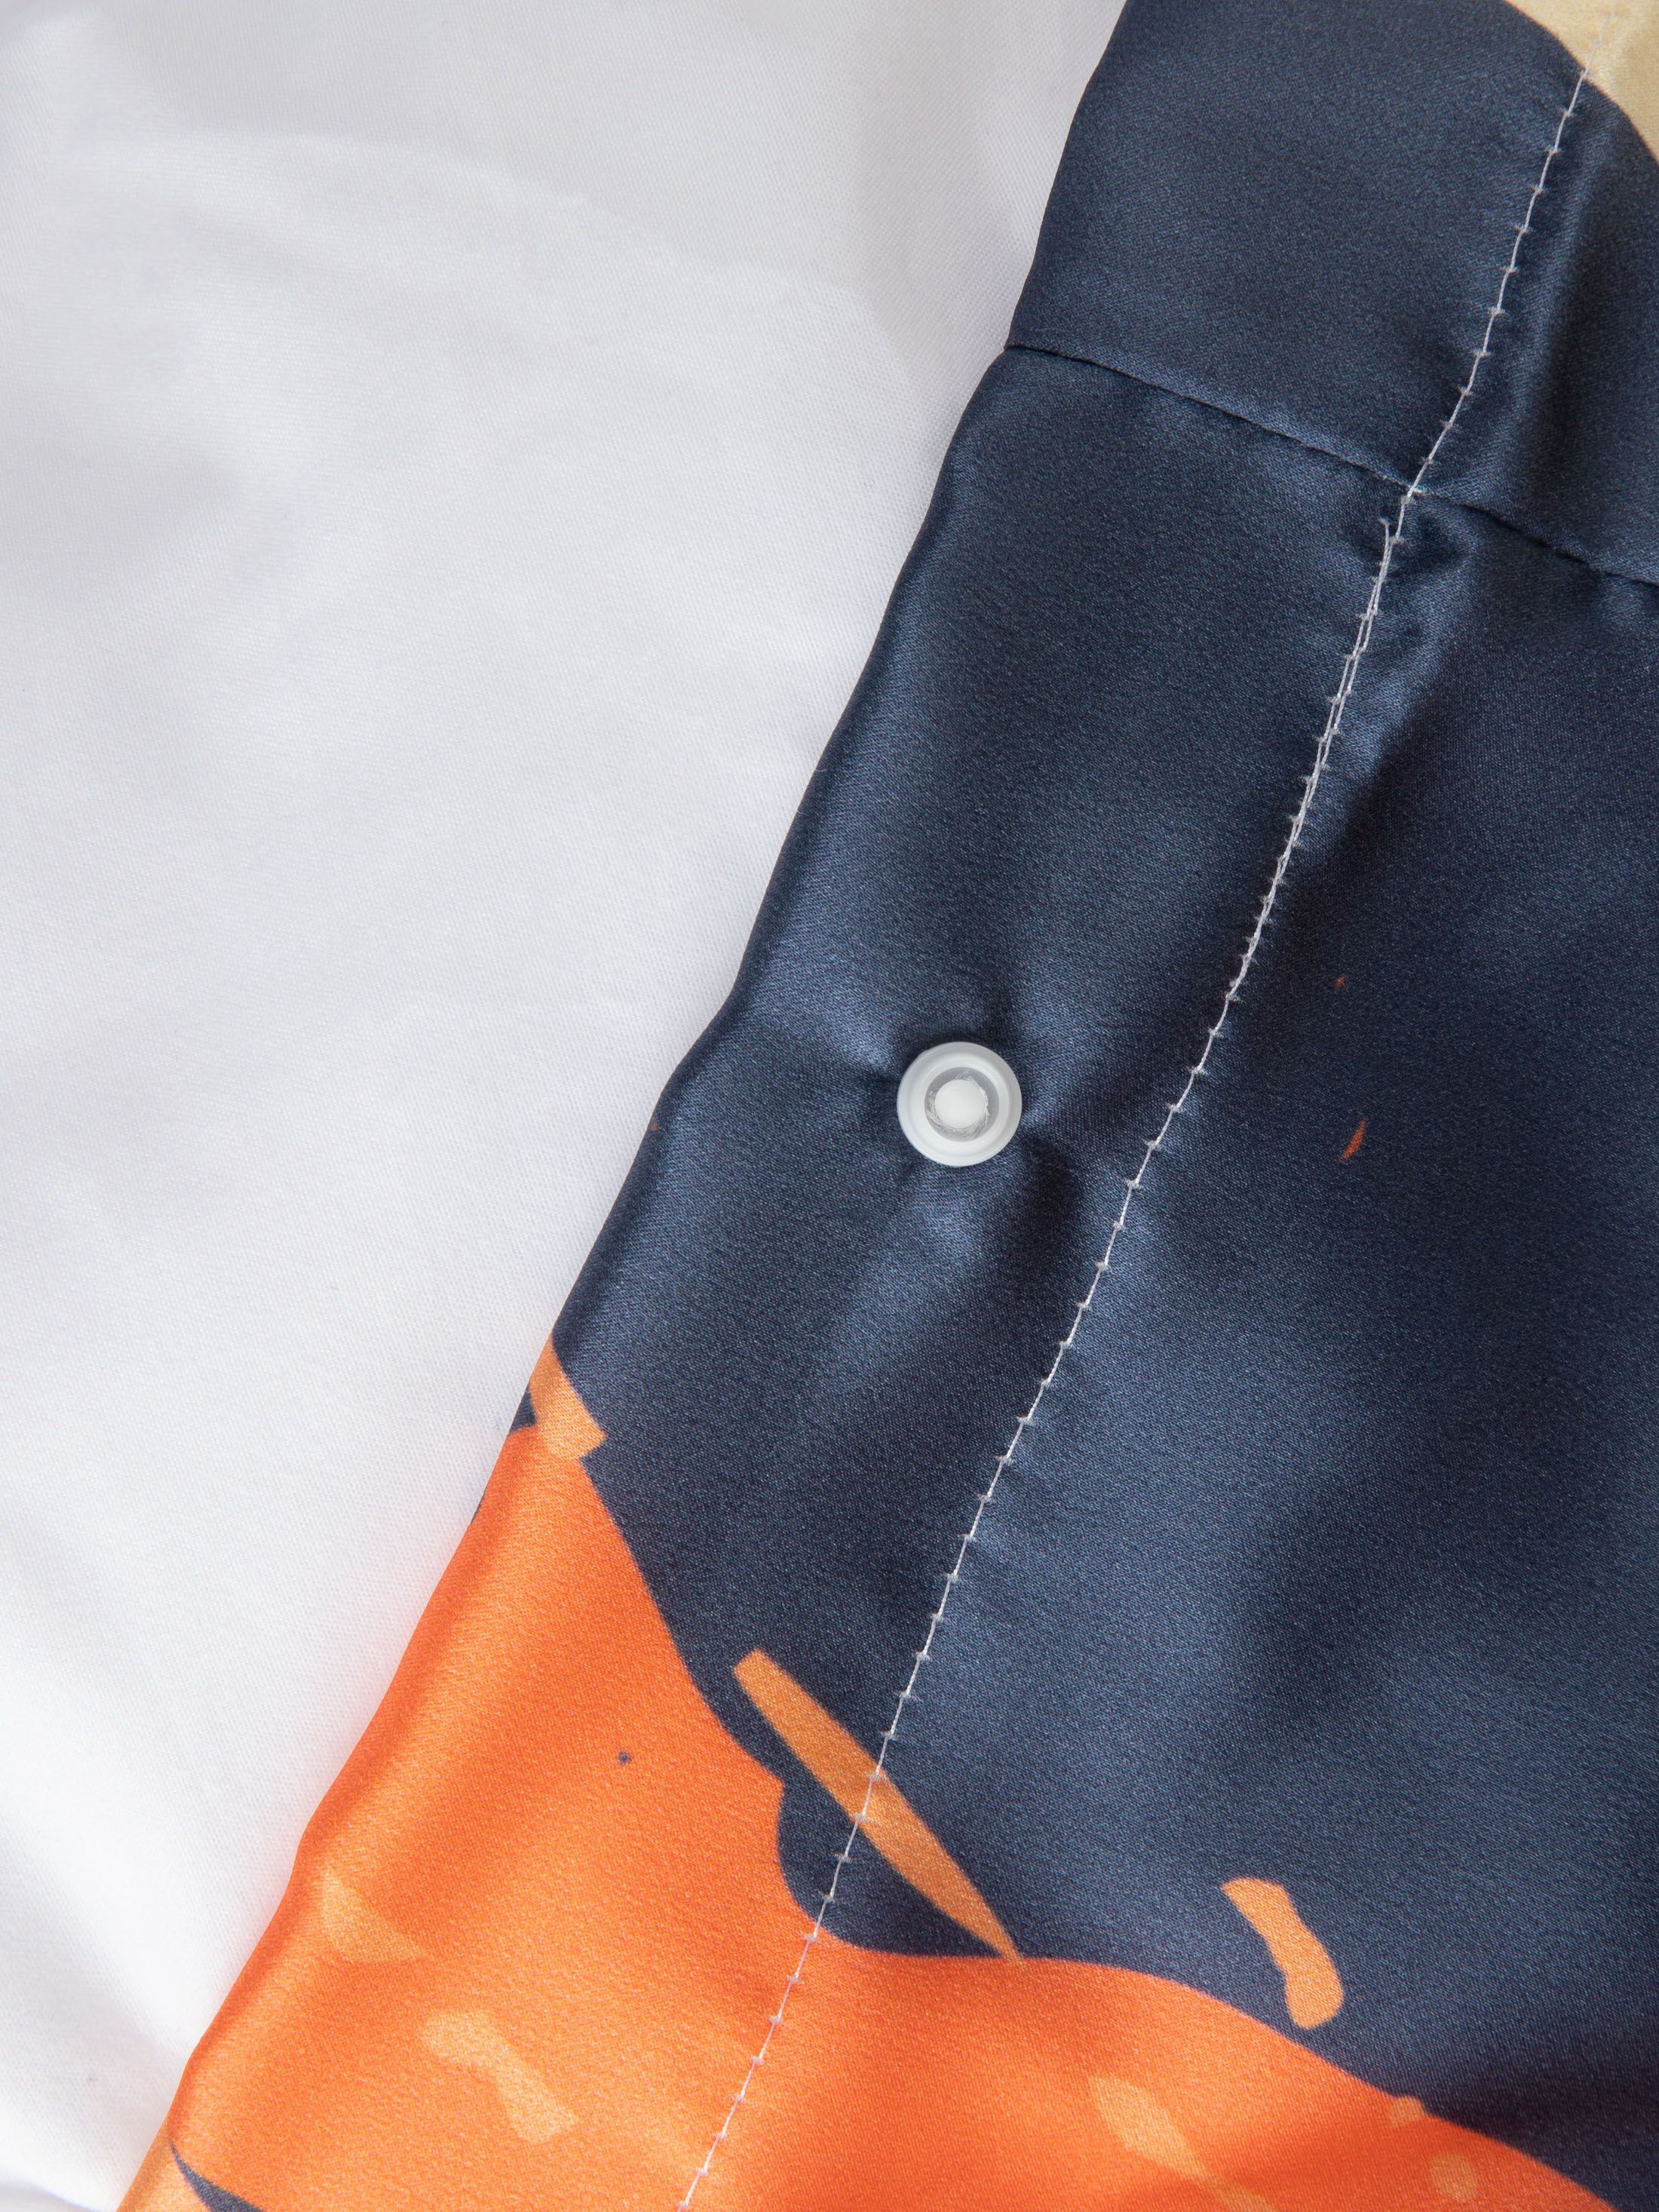 gepersonaliseerd zijden dekbedovertrek met drukknopen